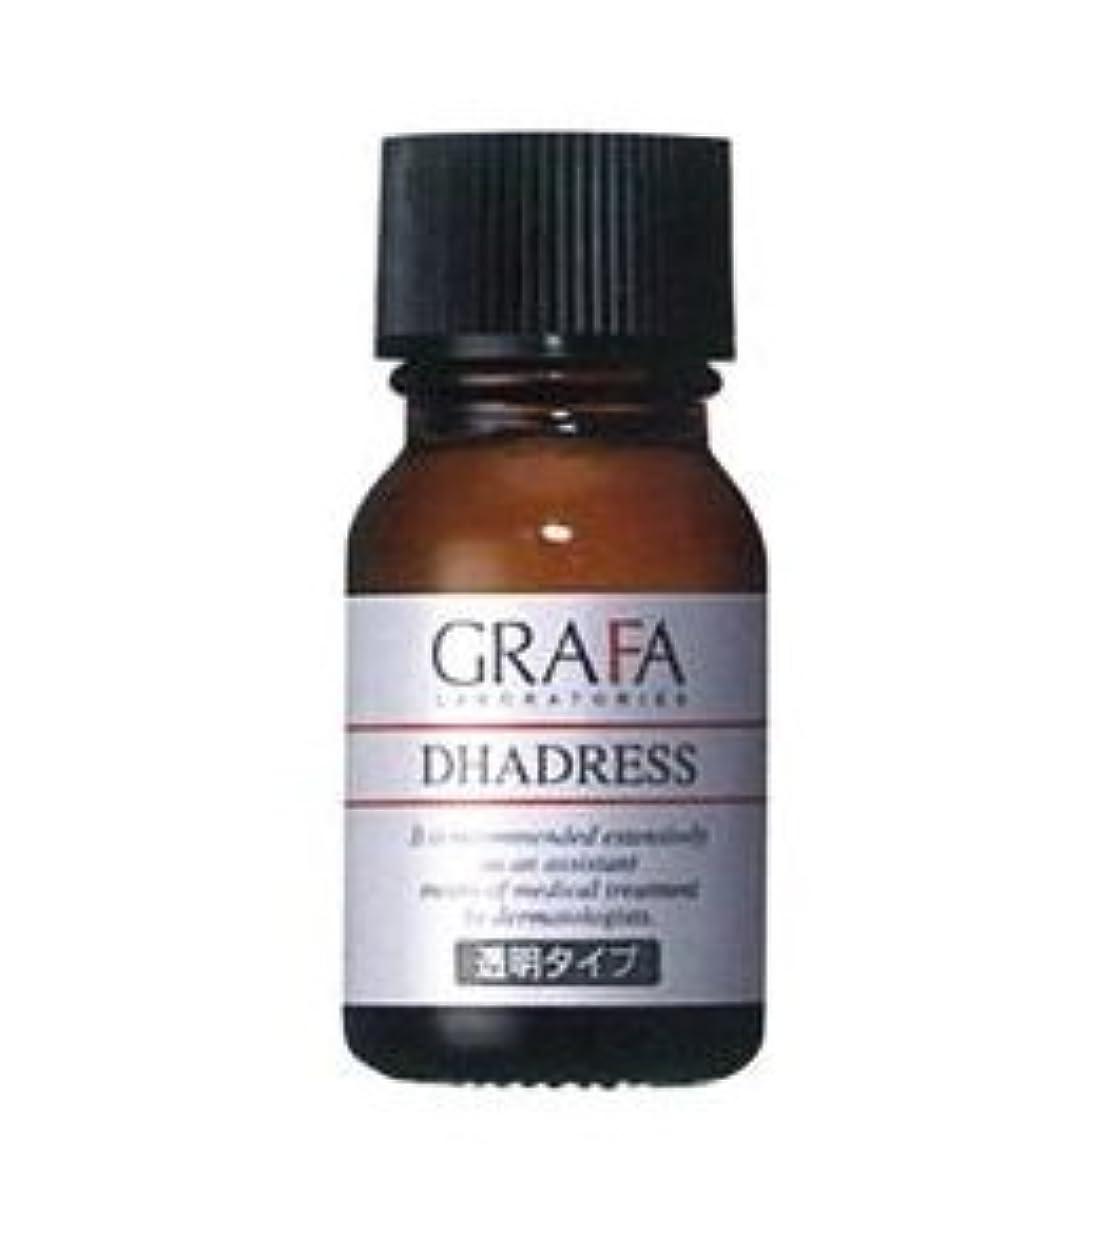 便宜キャベツジェスチャーグラファ ダドレス (透明タイプ) 11mL 着色用化粧水 GRAFA DHADRESS